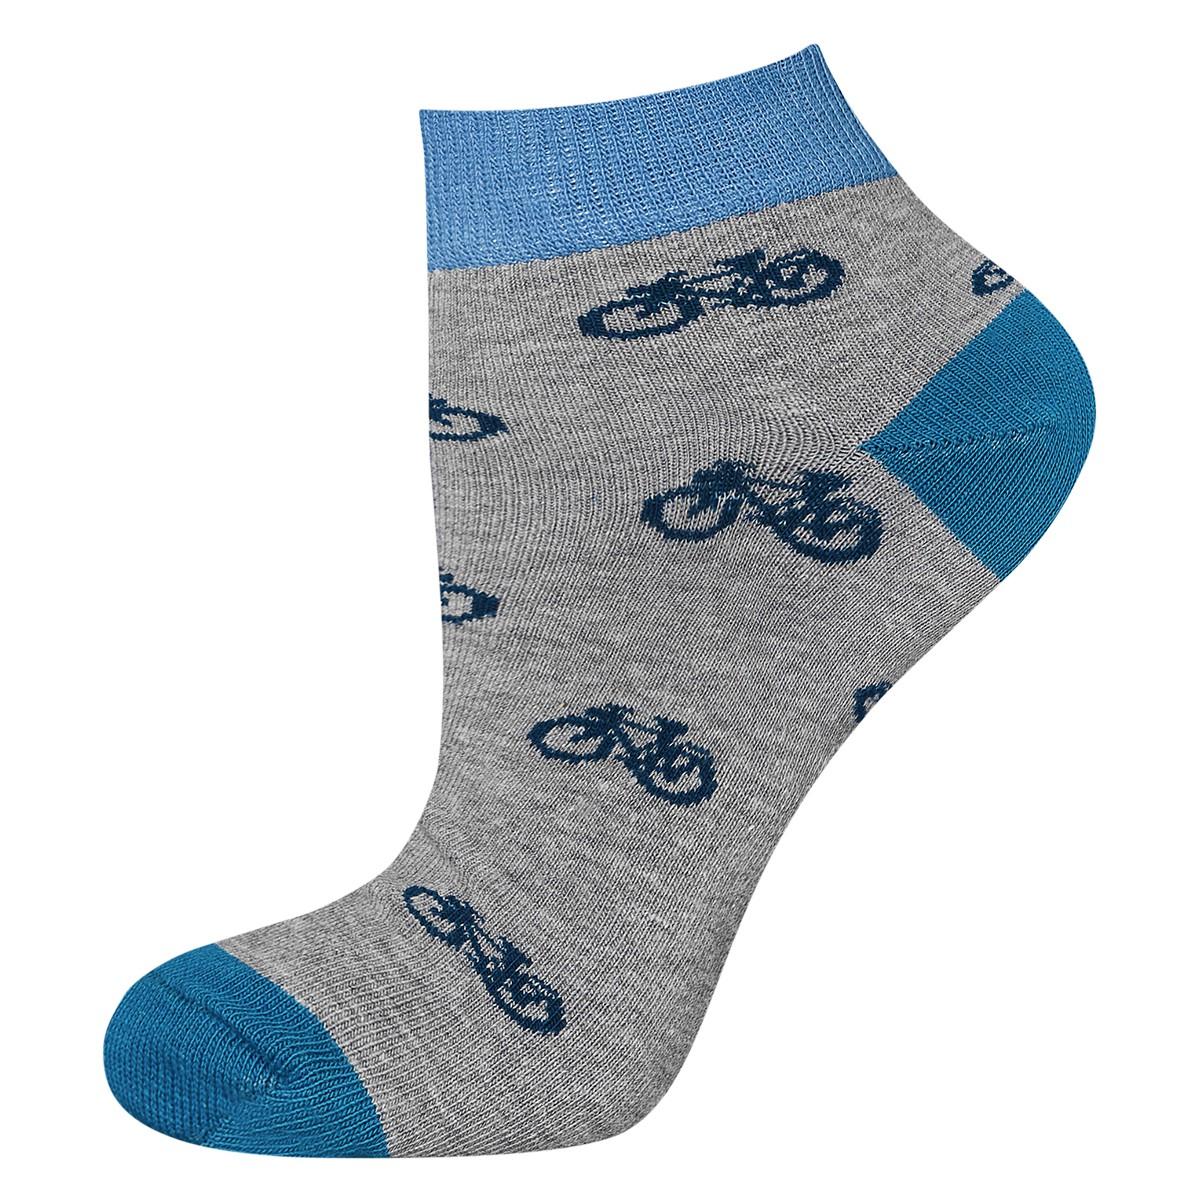 Skarpetki zakostki męskie SOXO GOOD STUFF - rower